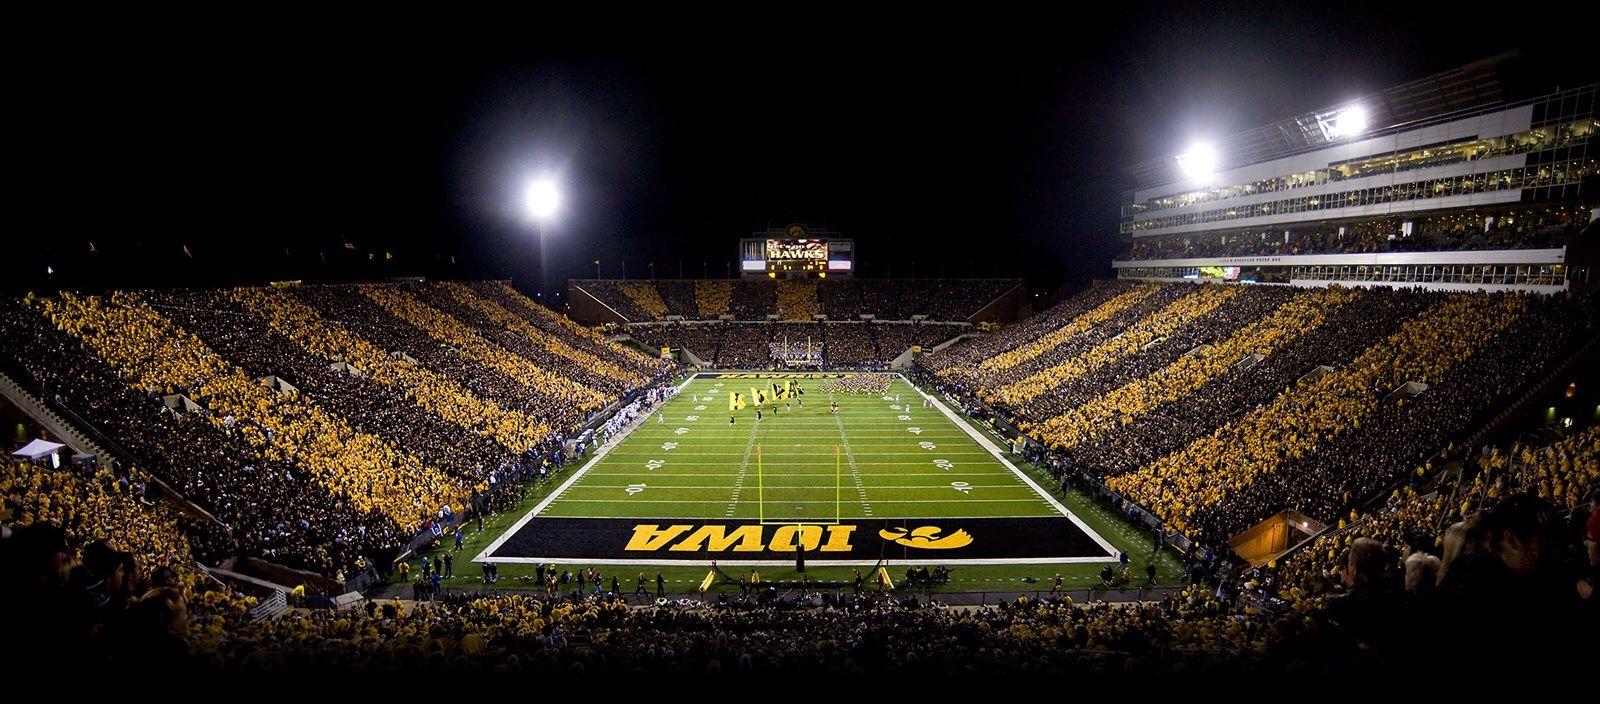 Stadium Iowa hawkeye football, Hawkeye football, Iowa